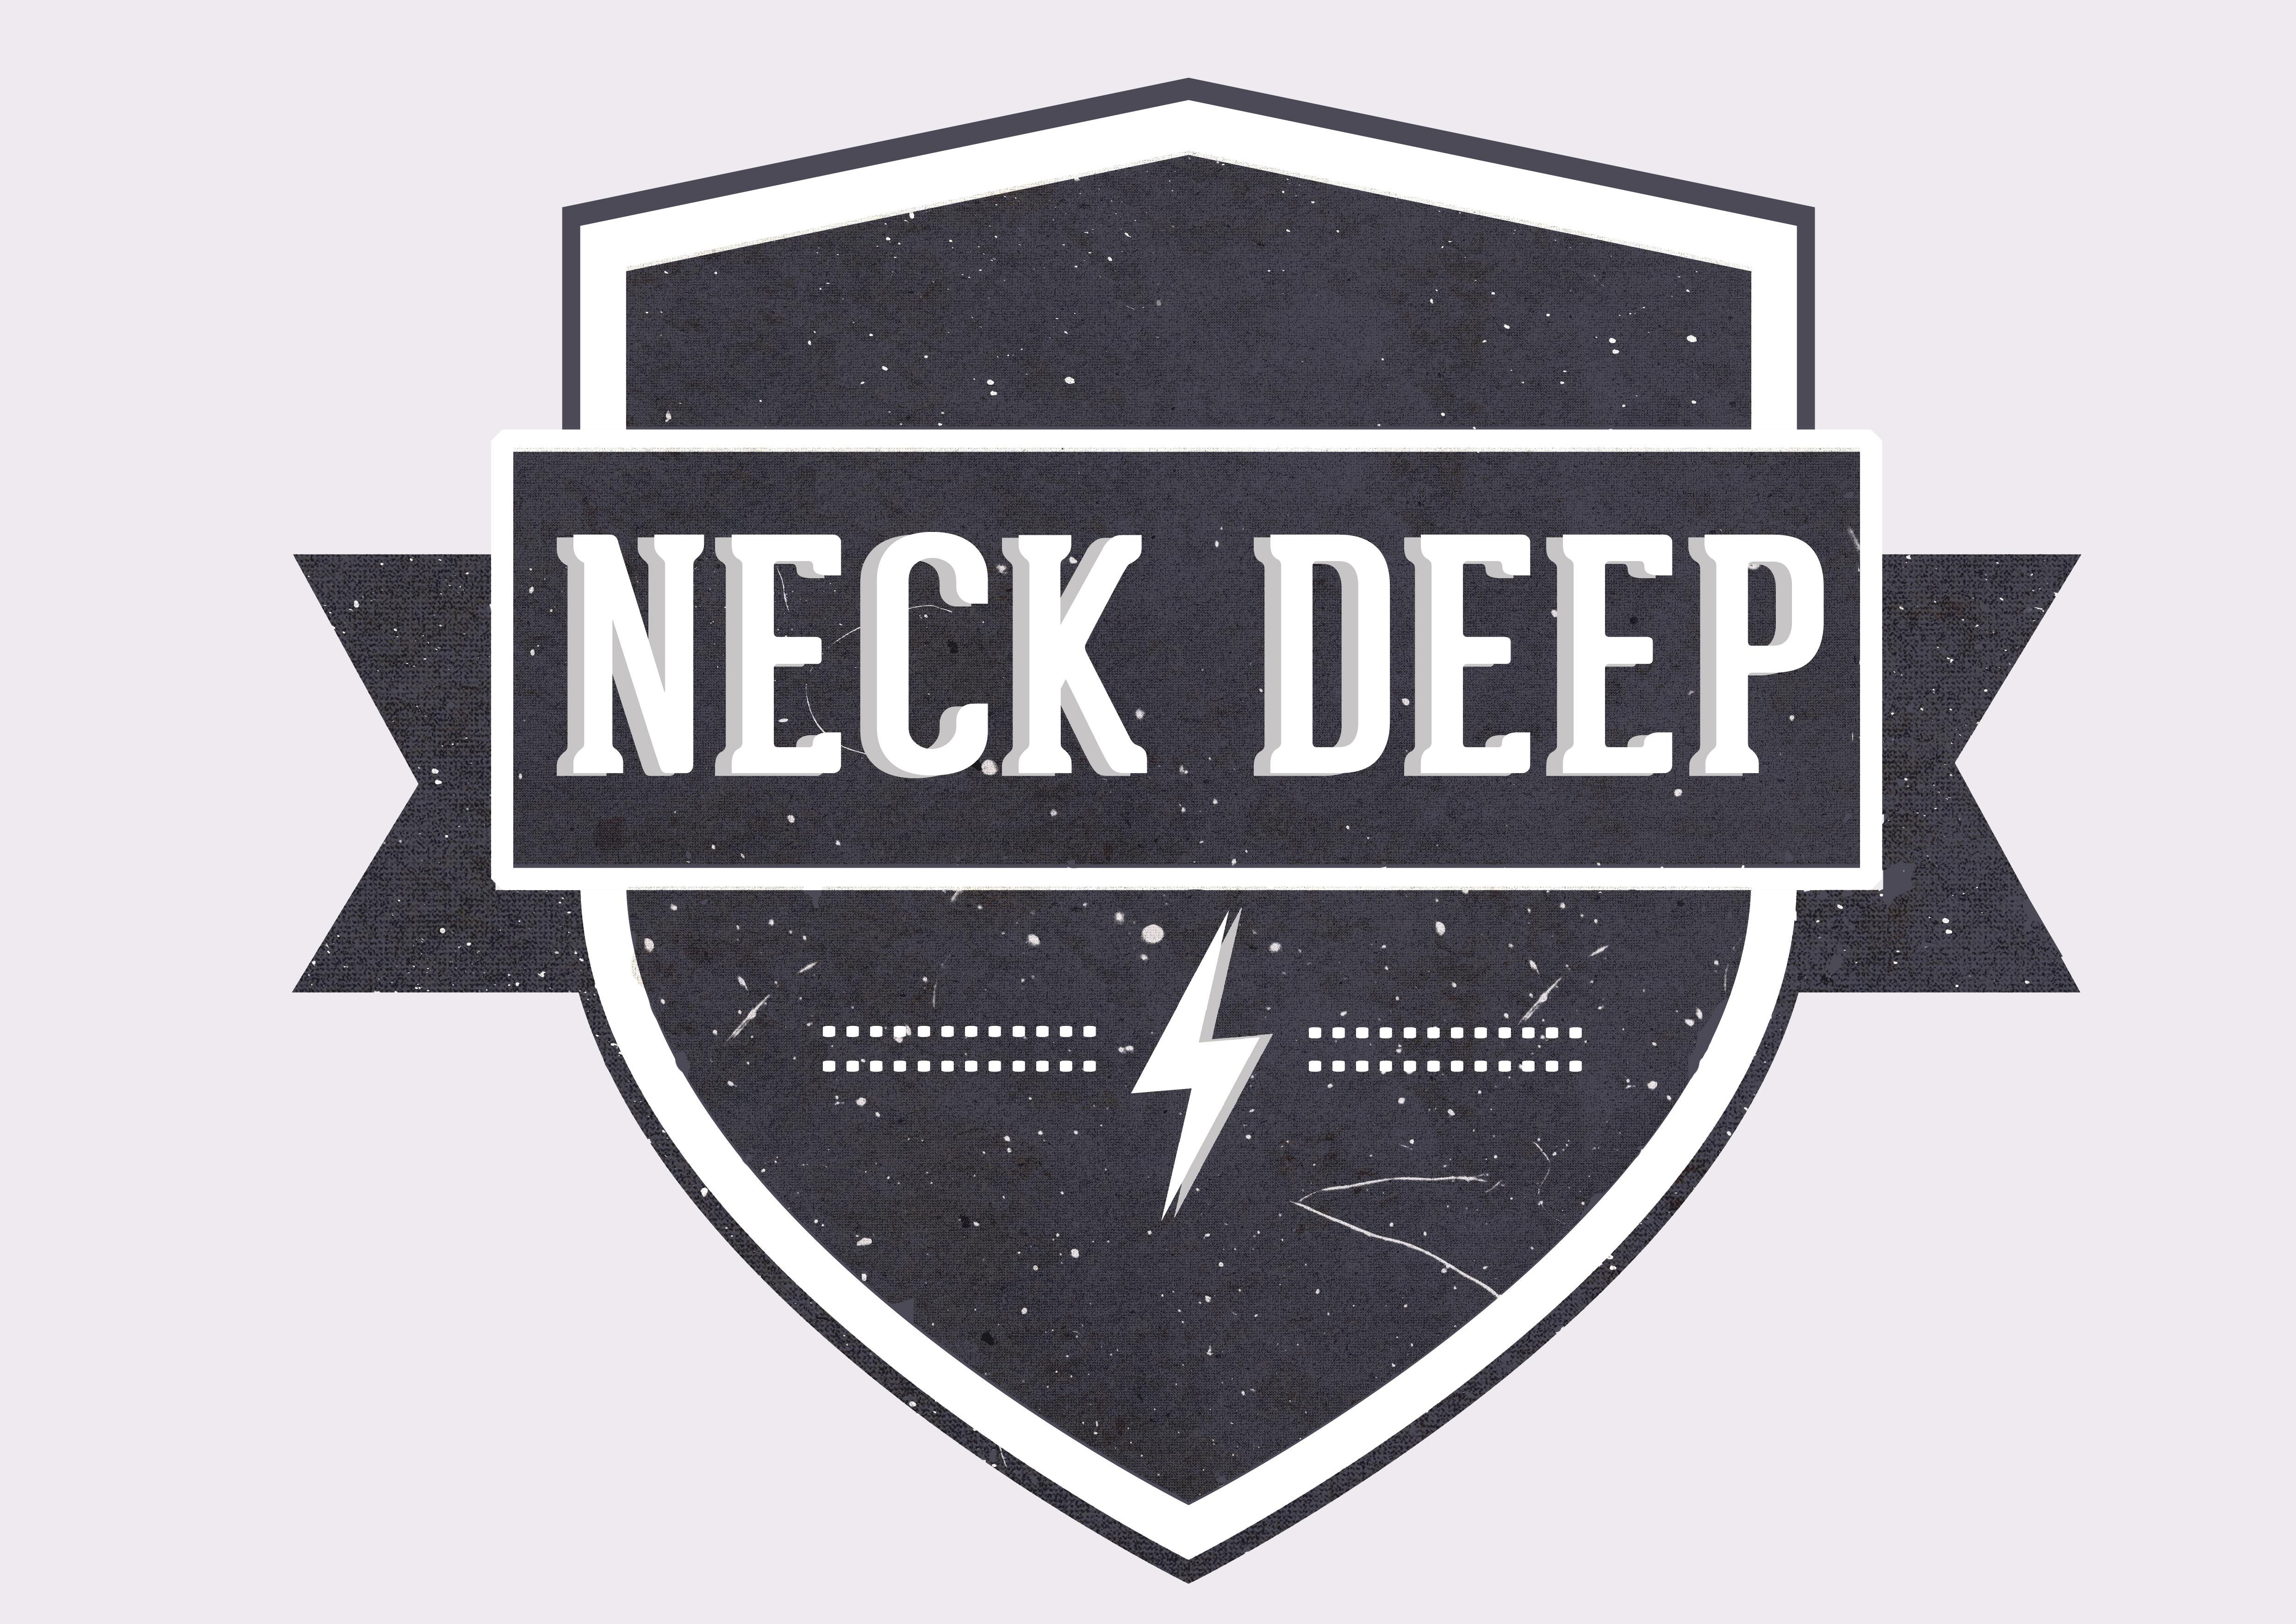 Logo for Neck Deep by Seanzha Rachman Rachman at Coroflot.com